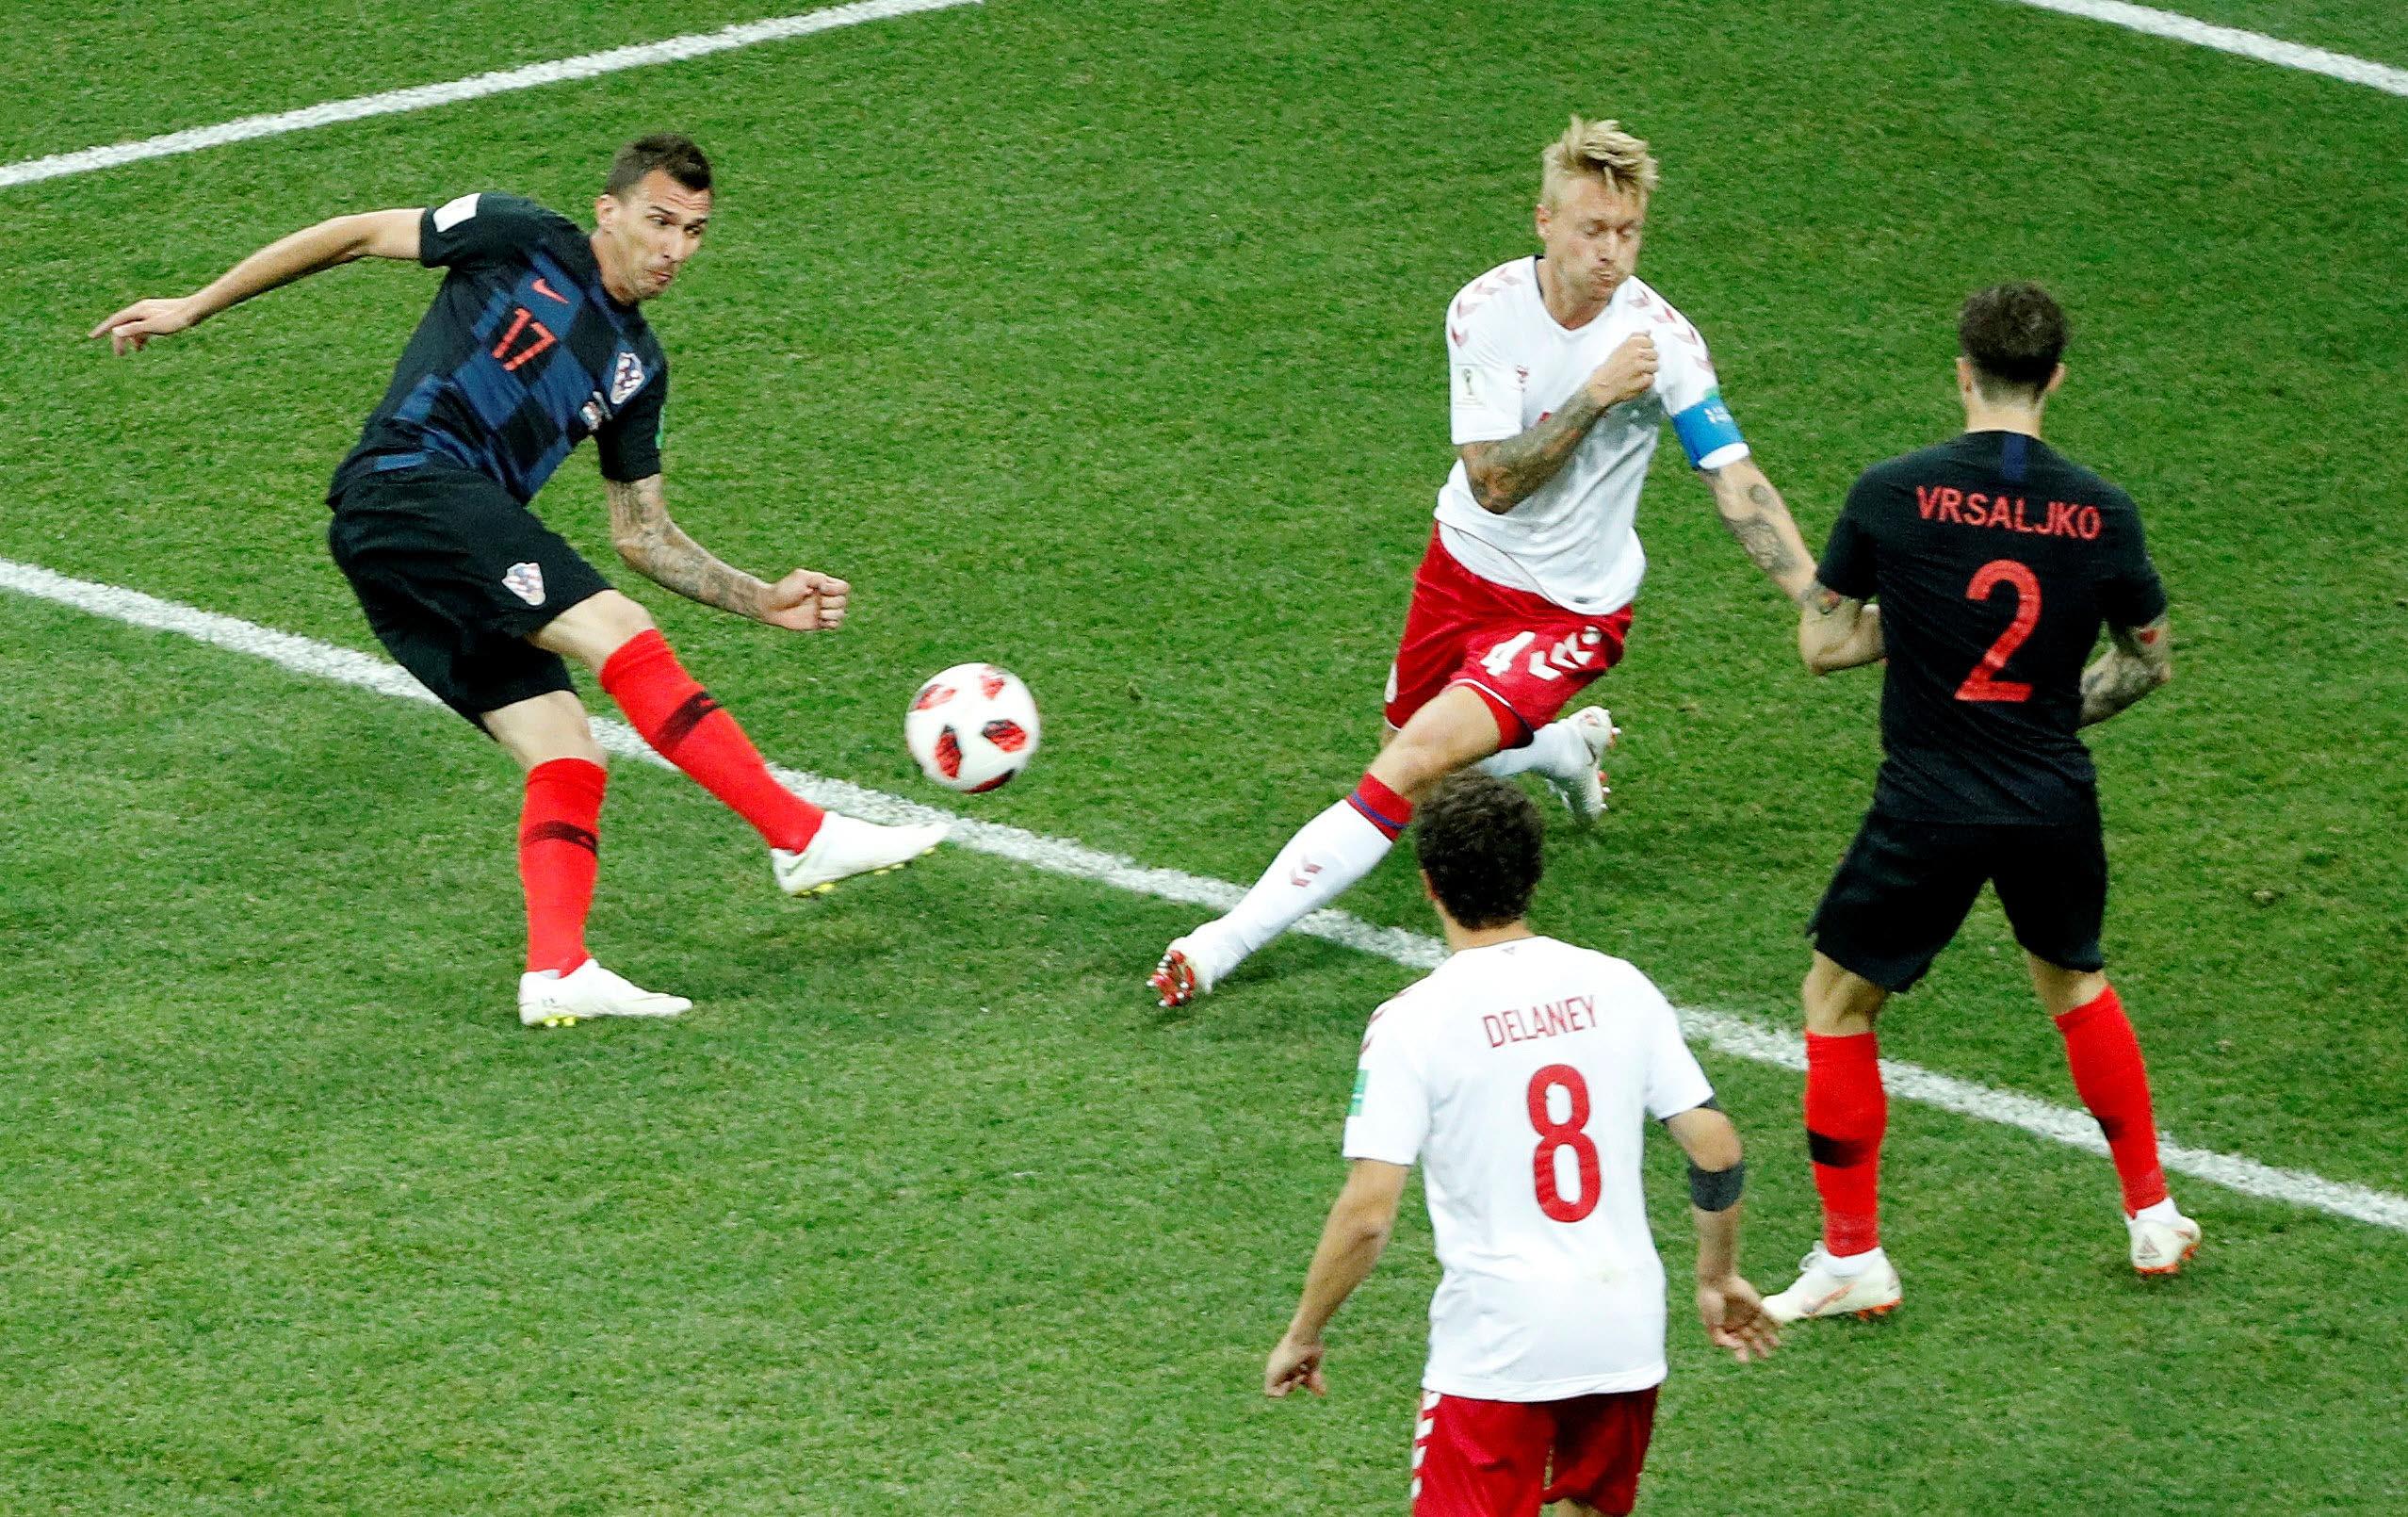 Dinamarca jugará contra Eslovaquia y Gales con un equipo semiprofesional